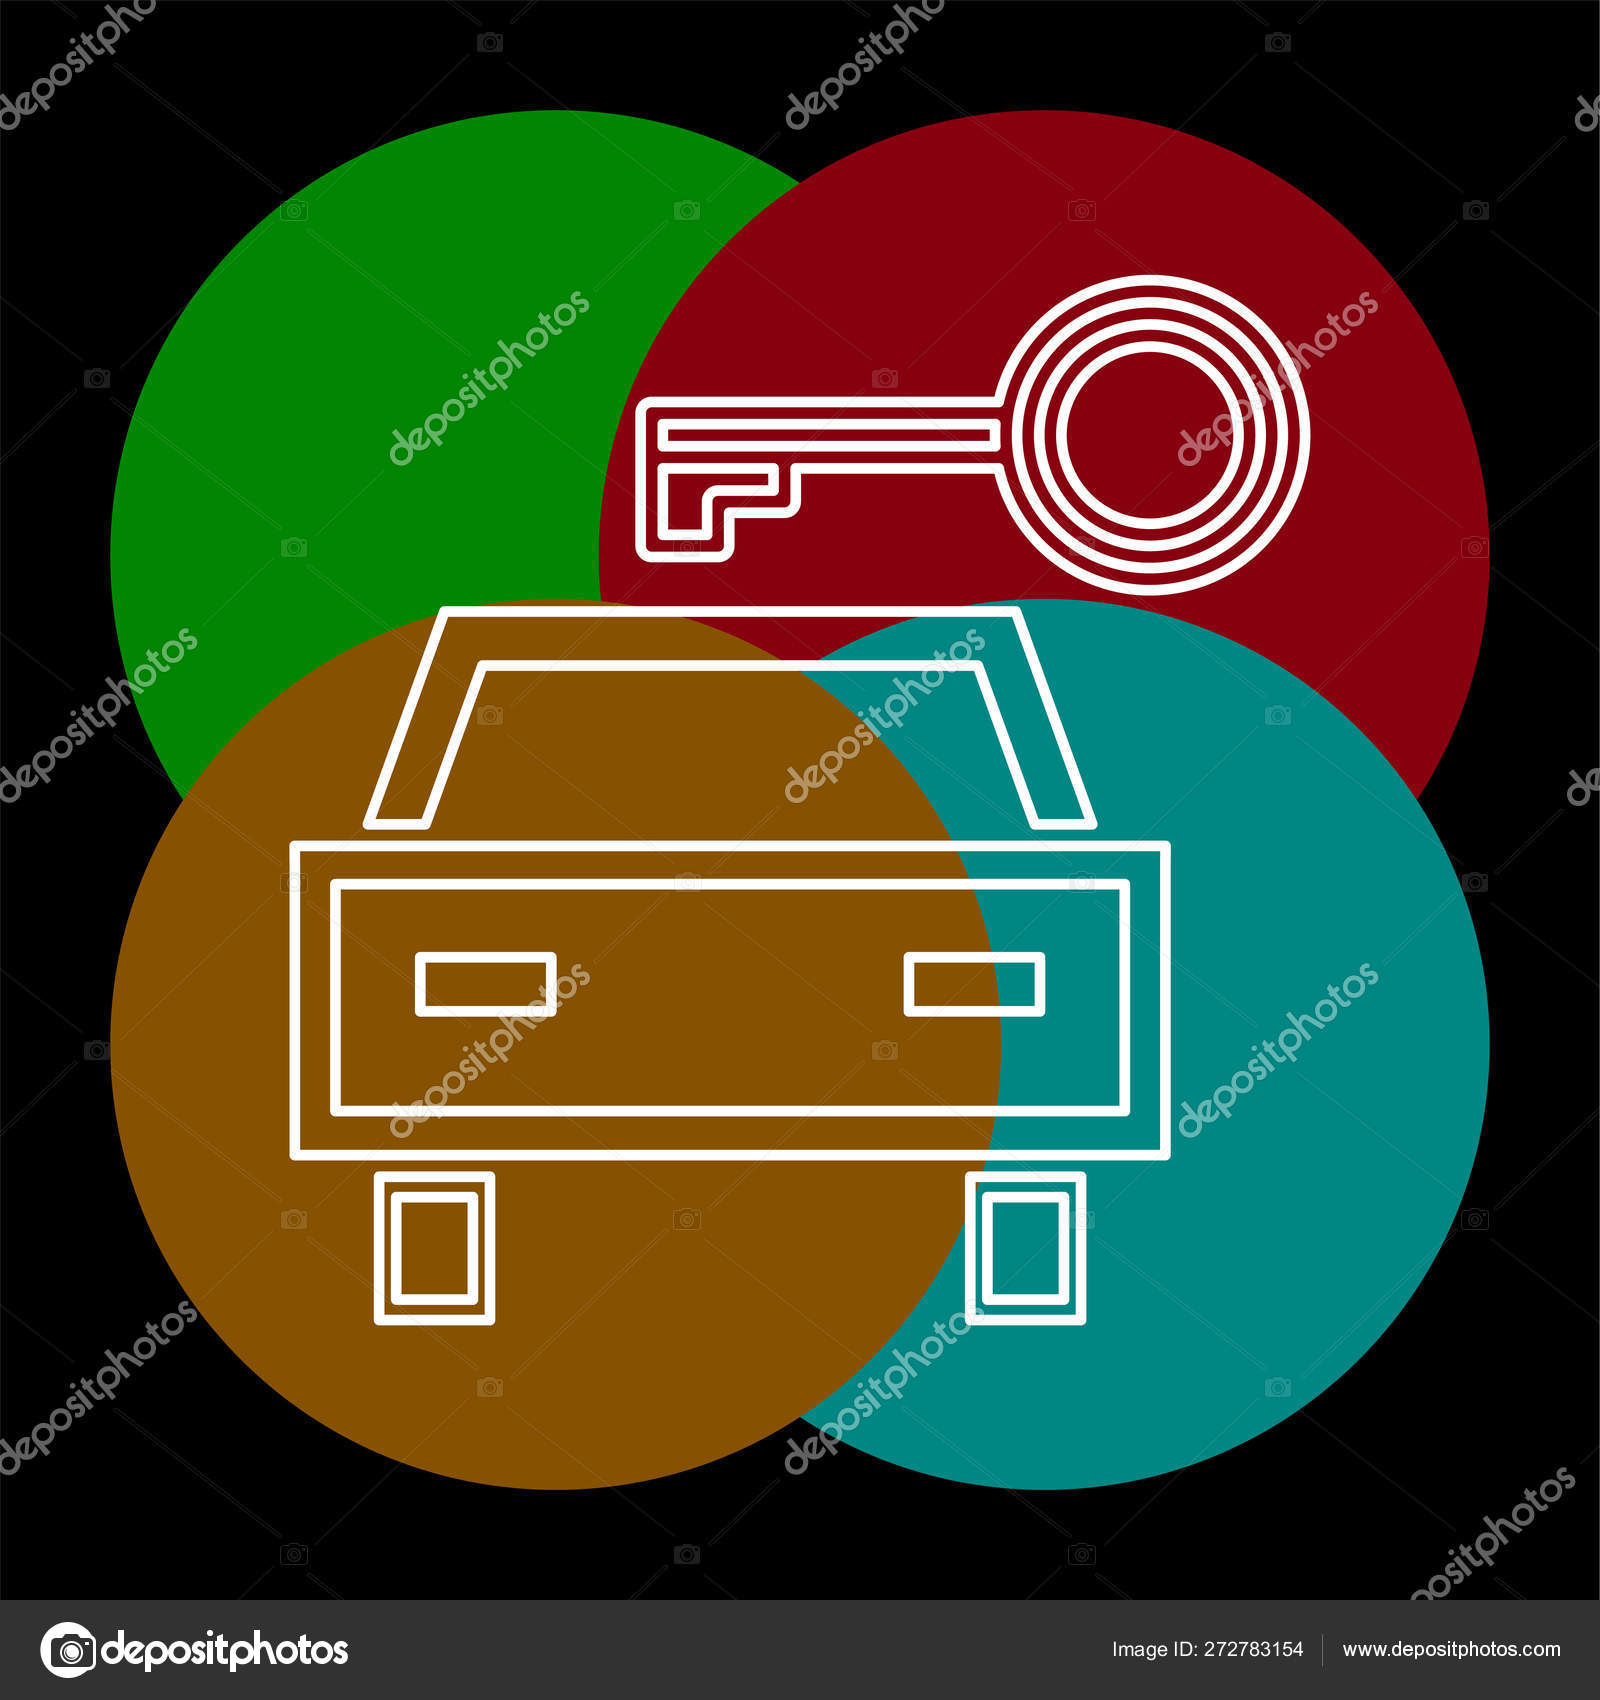 vector car rentals label, logo, icon, emblem  concept image for automobile  repair service, spare parts store, rent a car  thin line pictogram -  outline